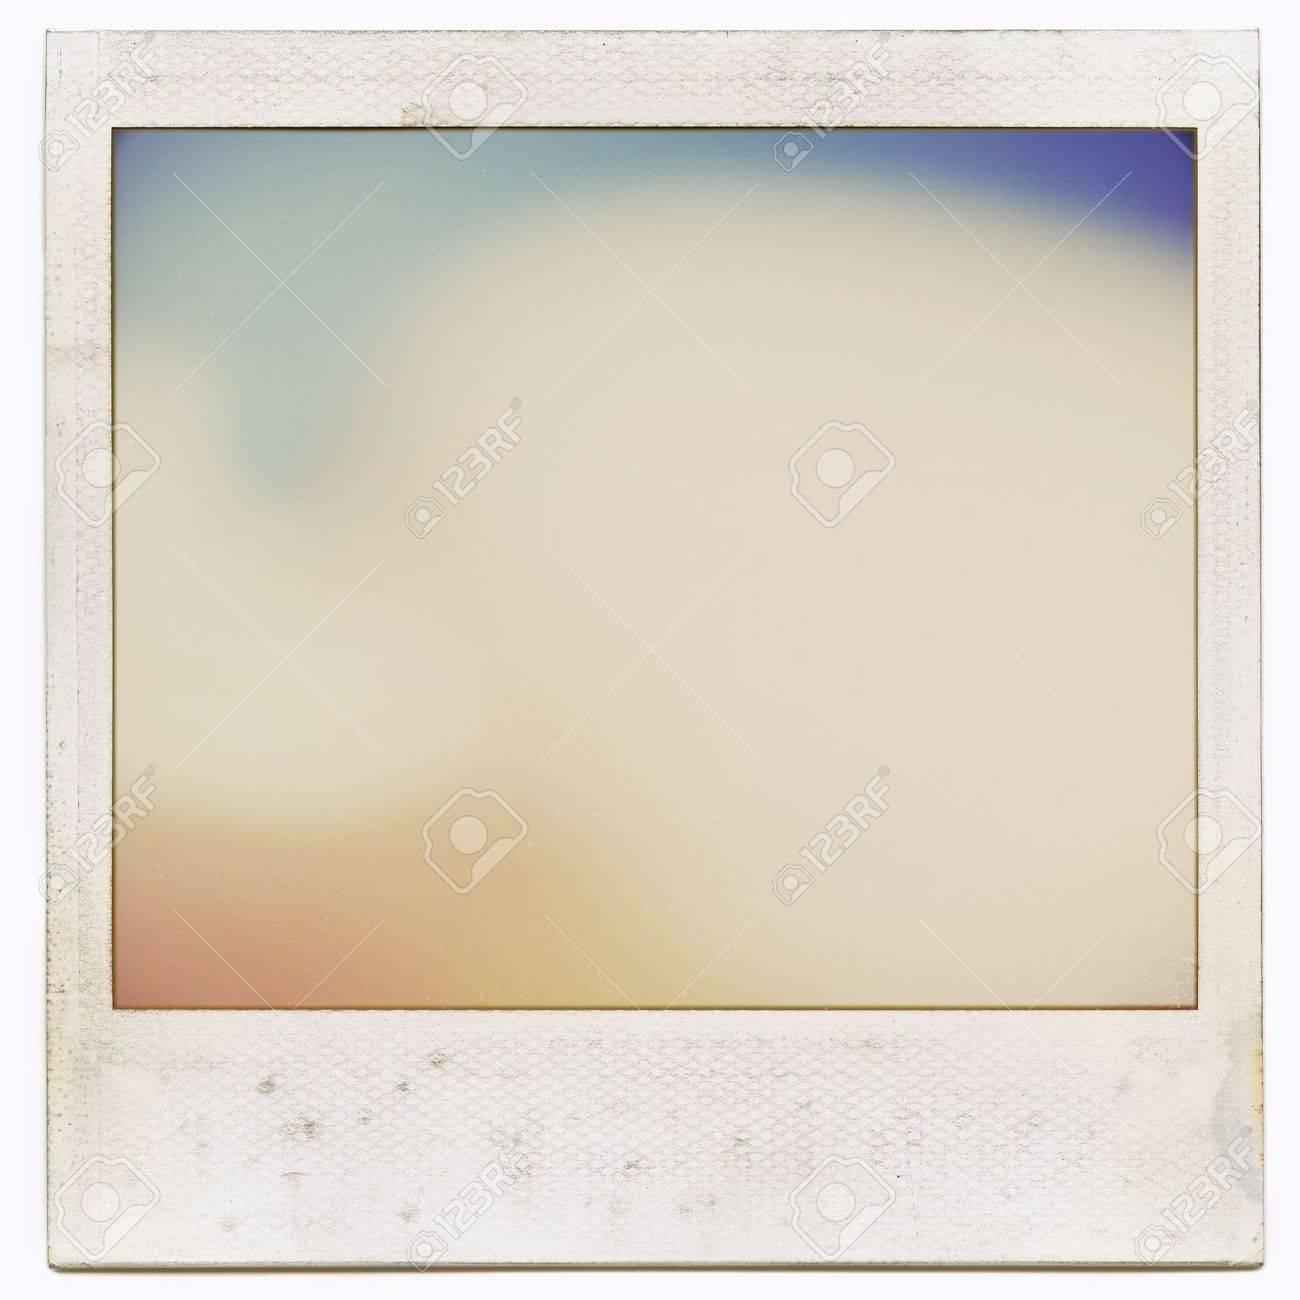 Entwickelt Grungy Instant Film Frame Mit Abstrakten Füllung Isoliert